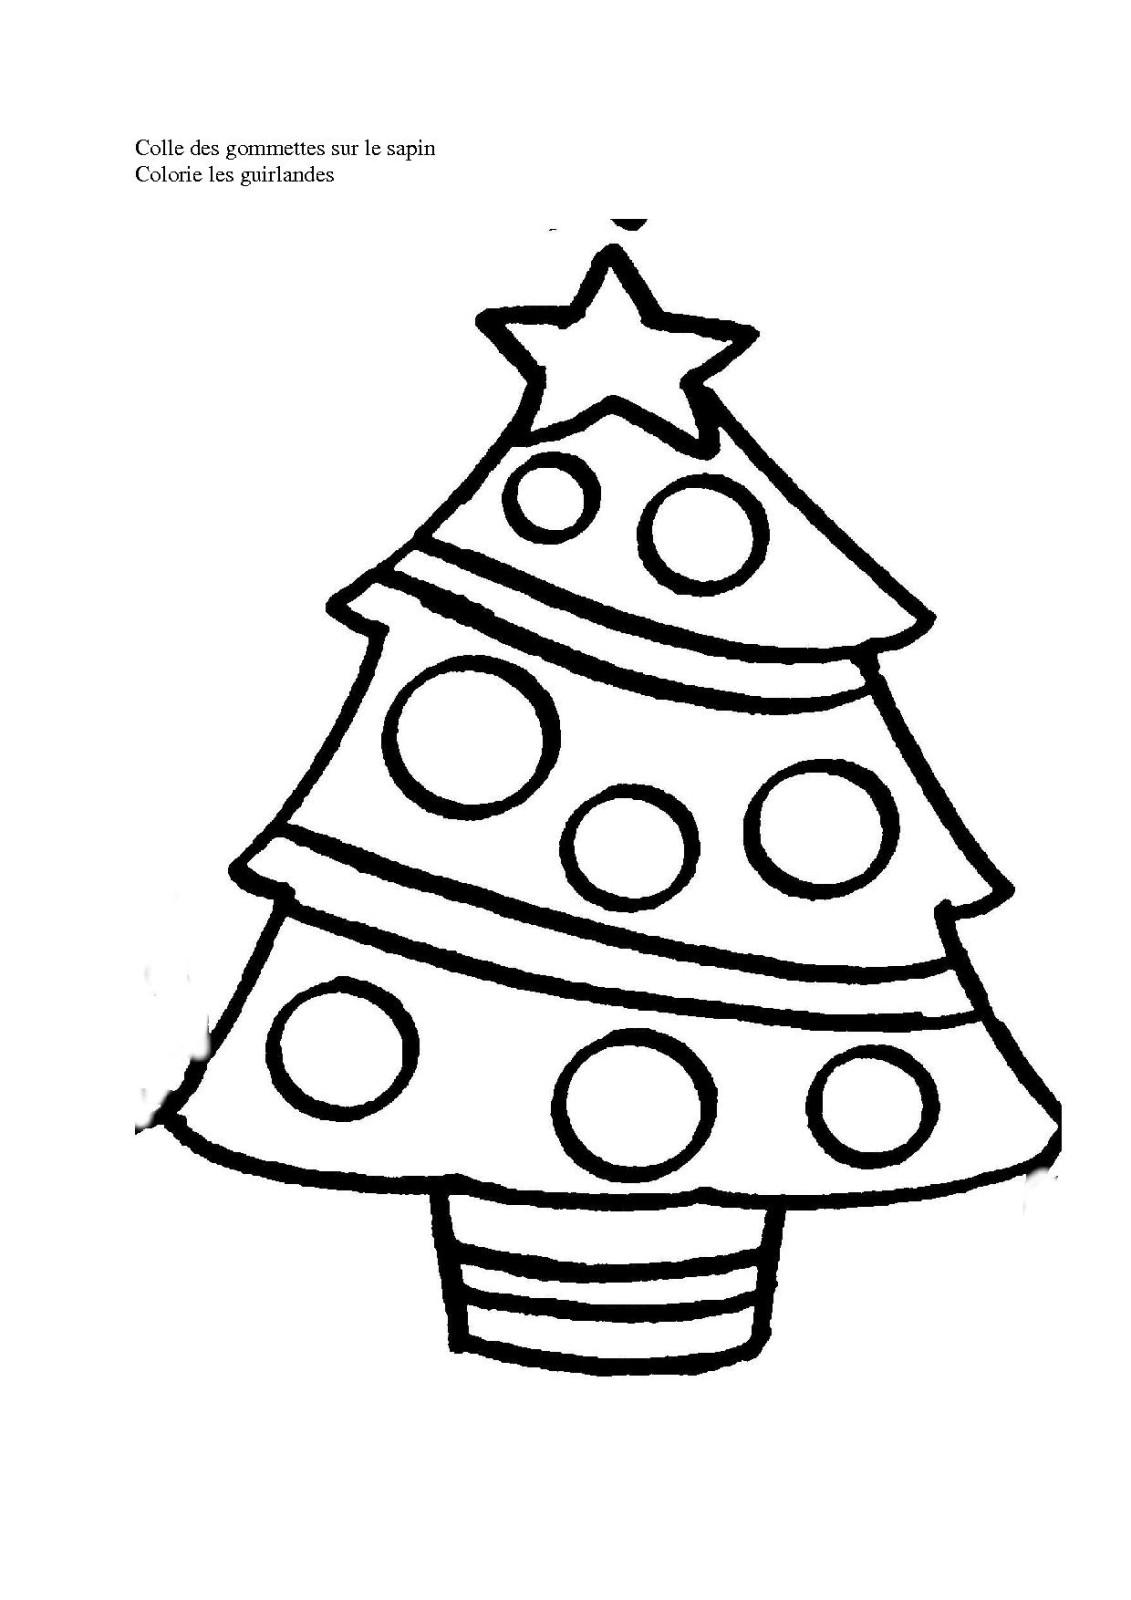 Sapin De Noël #56 (Objets) – Coloriages À Imprimer tout Coloriage De Sapin De Noel A Imprimer Gratuit